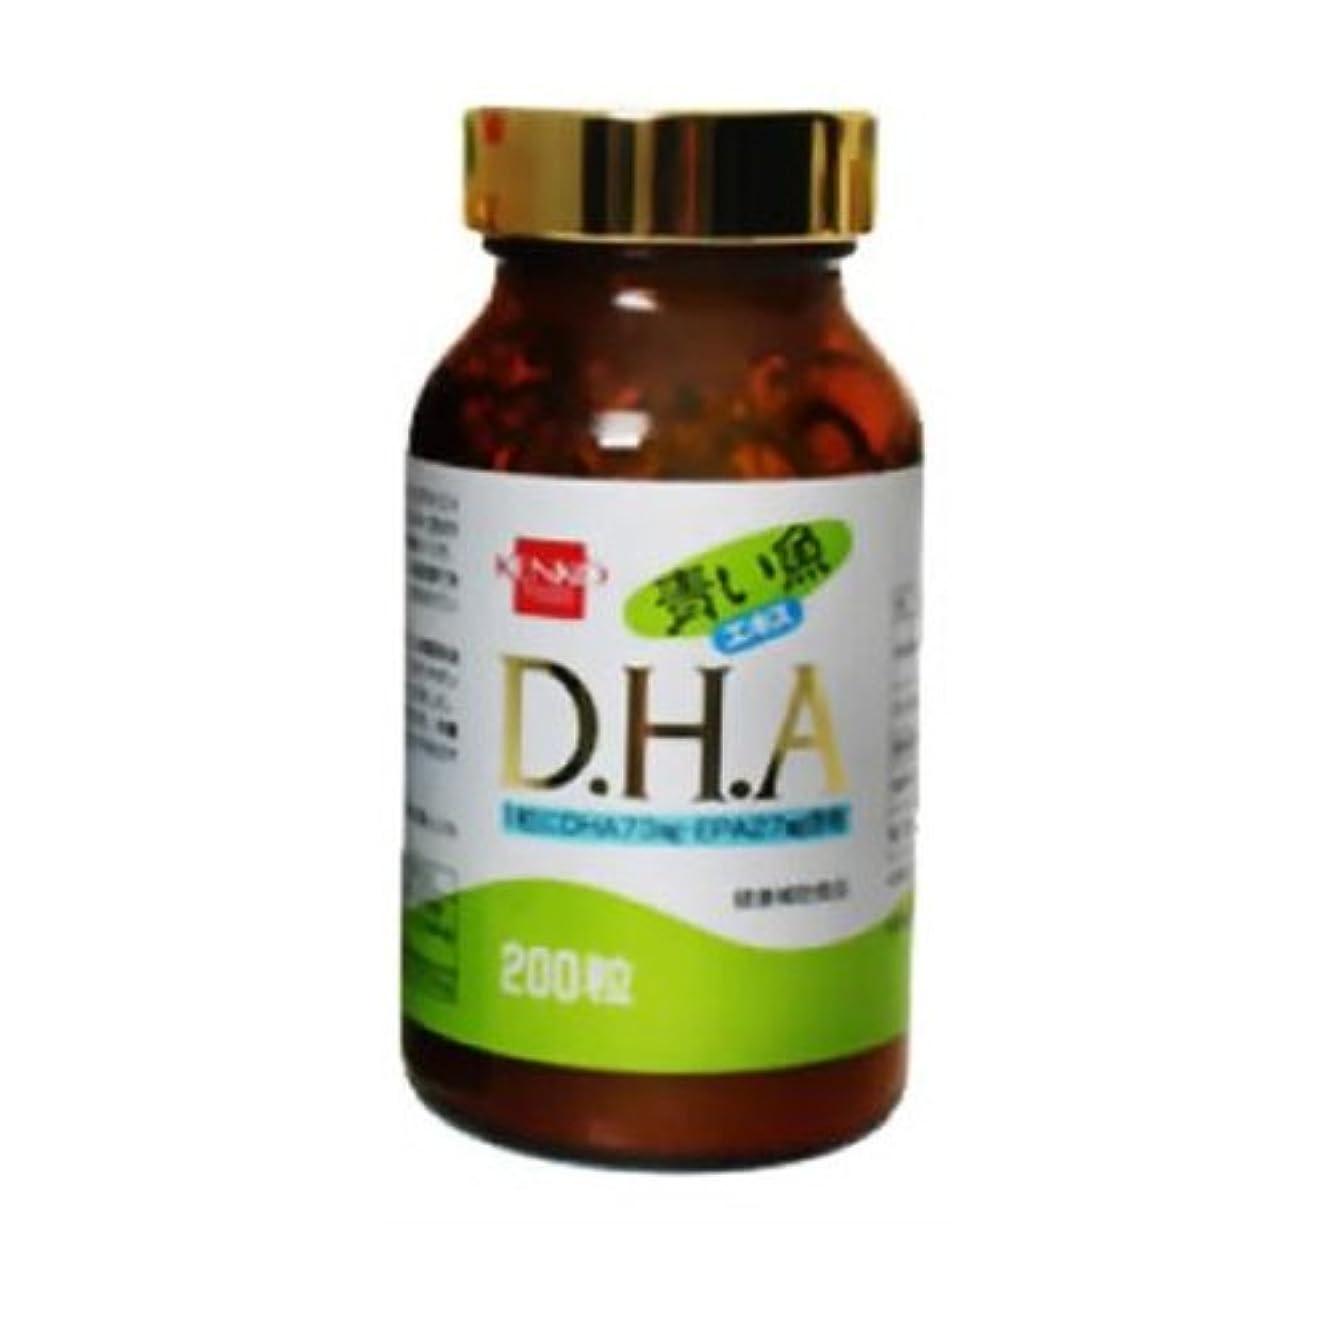 いたずらなモチーフ達成する青い魚エキス DHA EPA 200粒